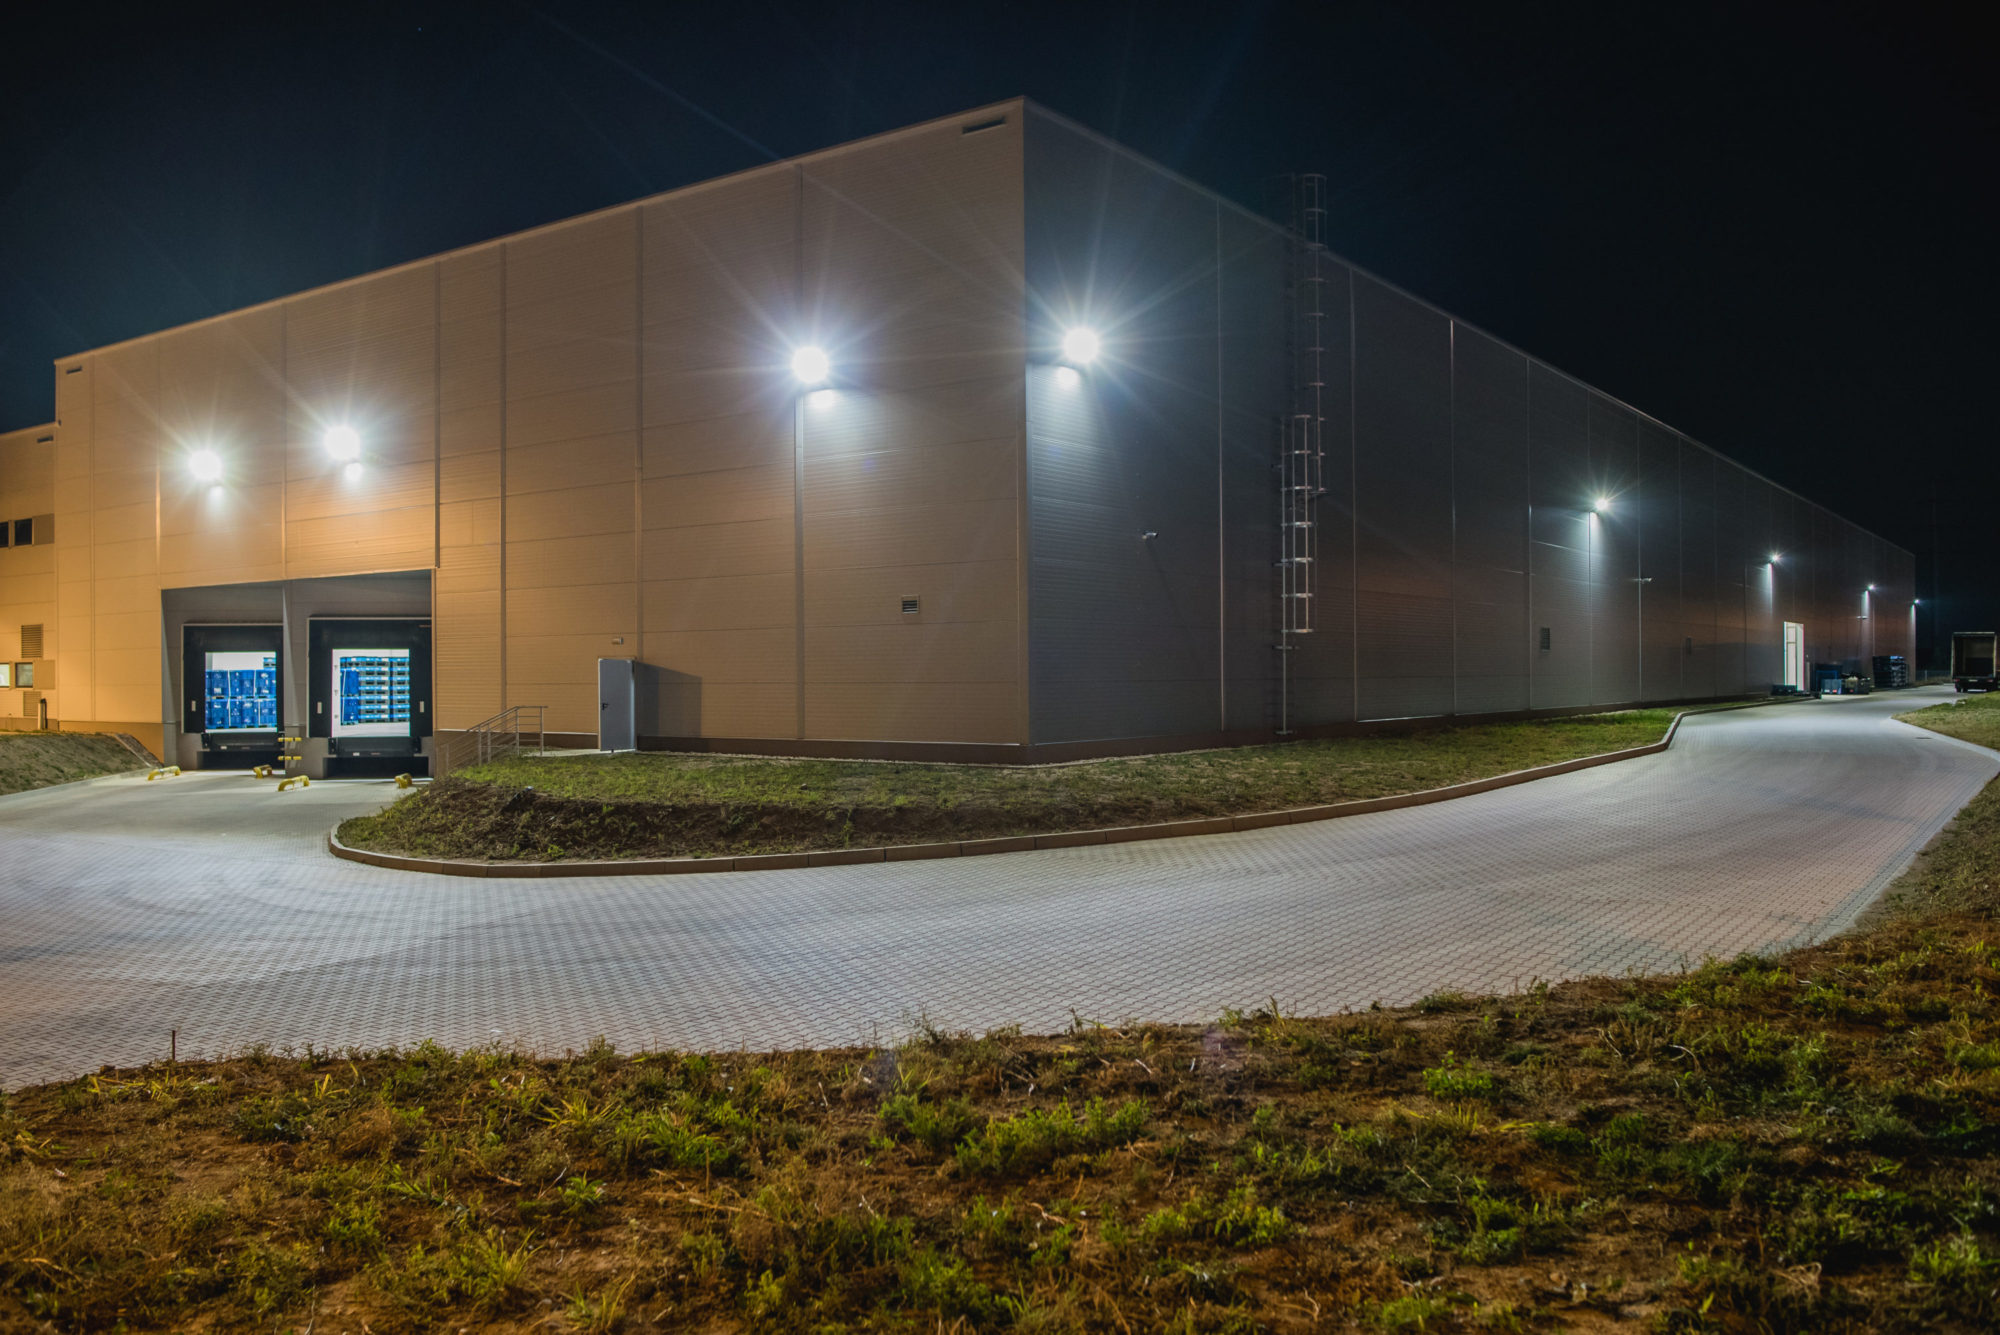 Oprawy zewnętrzne Sklylight w budynku firmy Industrias Alegre - Luxon LED